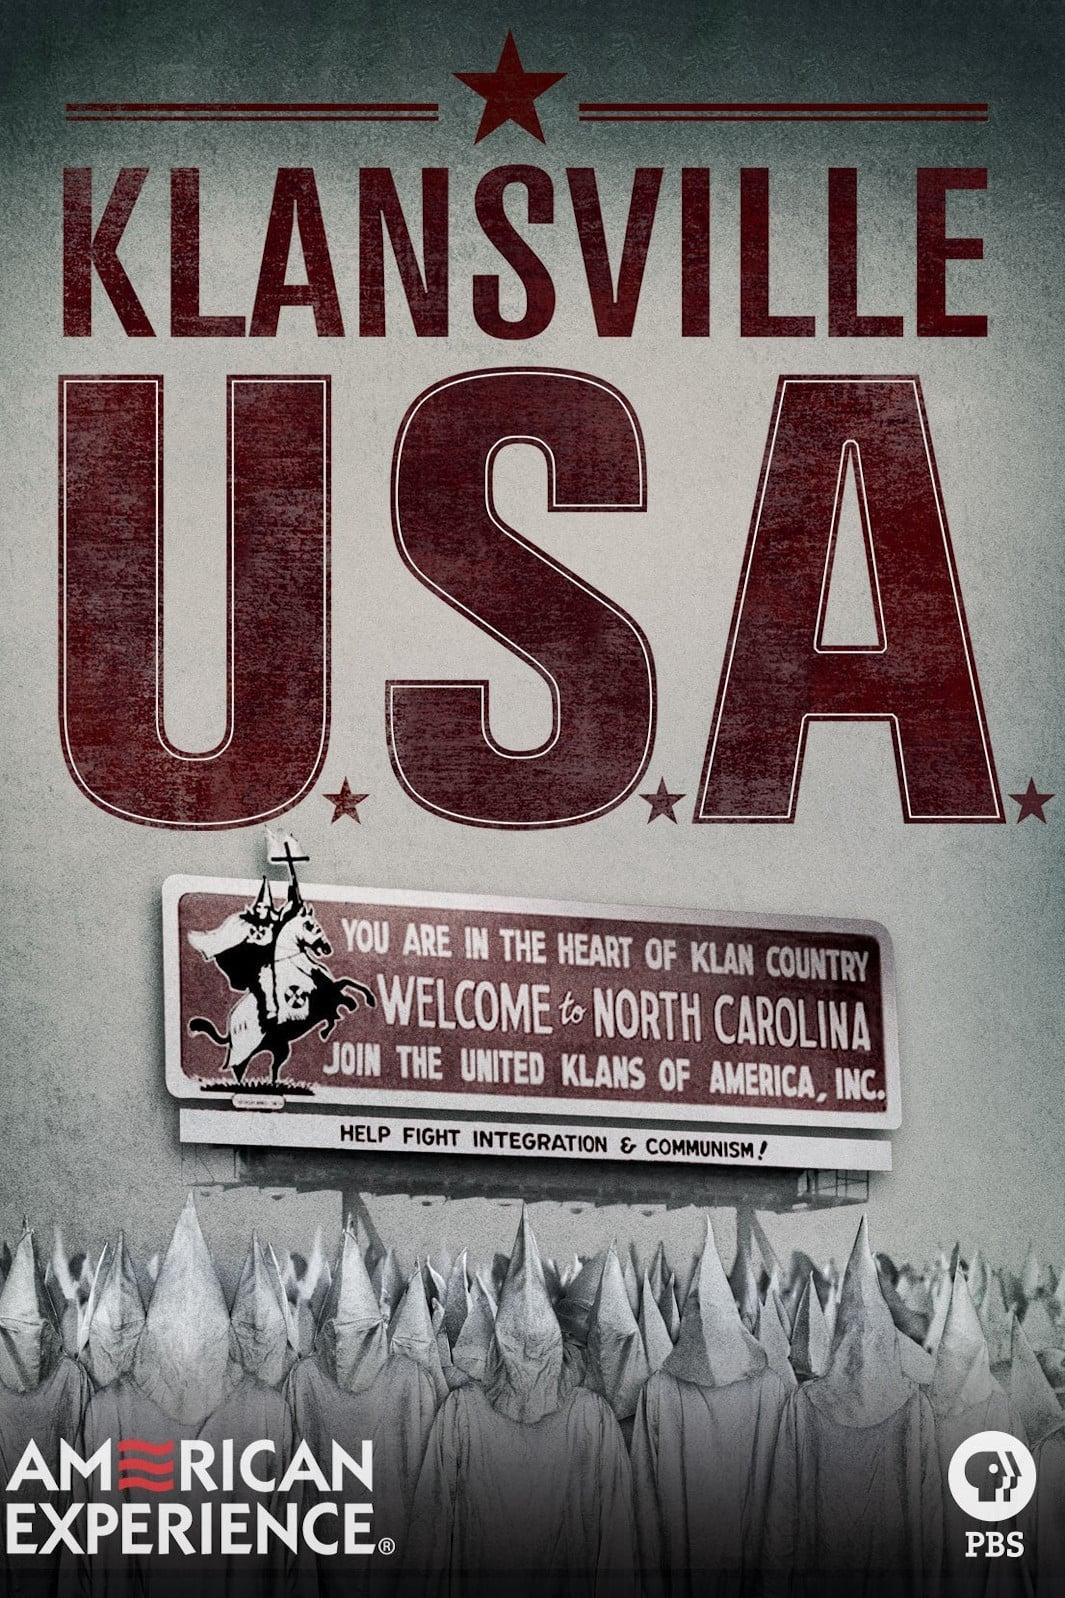 Klansville U.S.A.